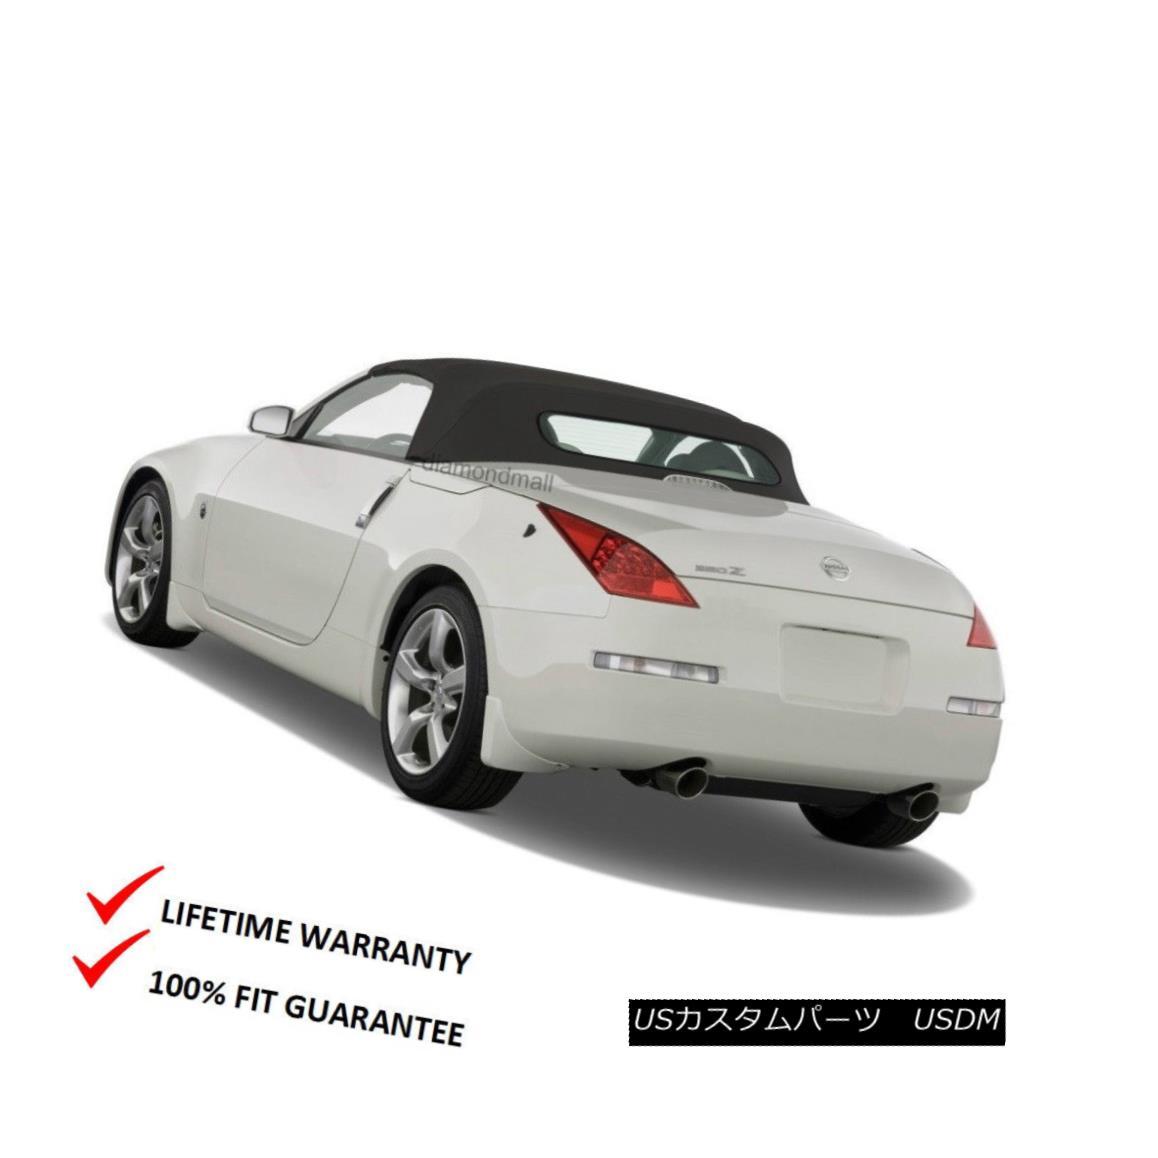 幌・ソフトトップ Fits: Nissan 350Z Convertible Soft Top With Heated Glass Window Black Twill フィット:日産350Zコンバーチブルソフトトップ、ヒーター付きガラス窓付きブラックツイル